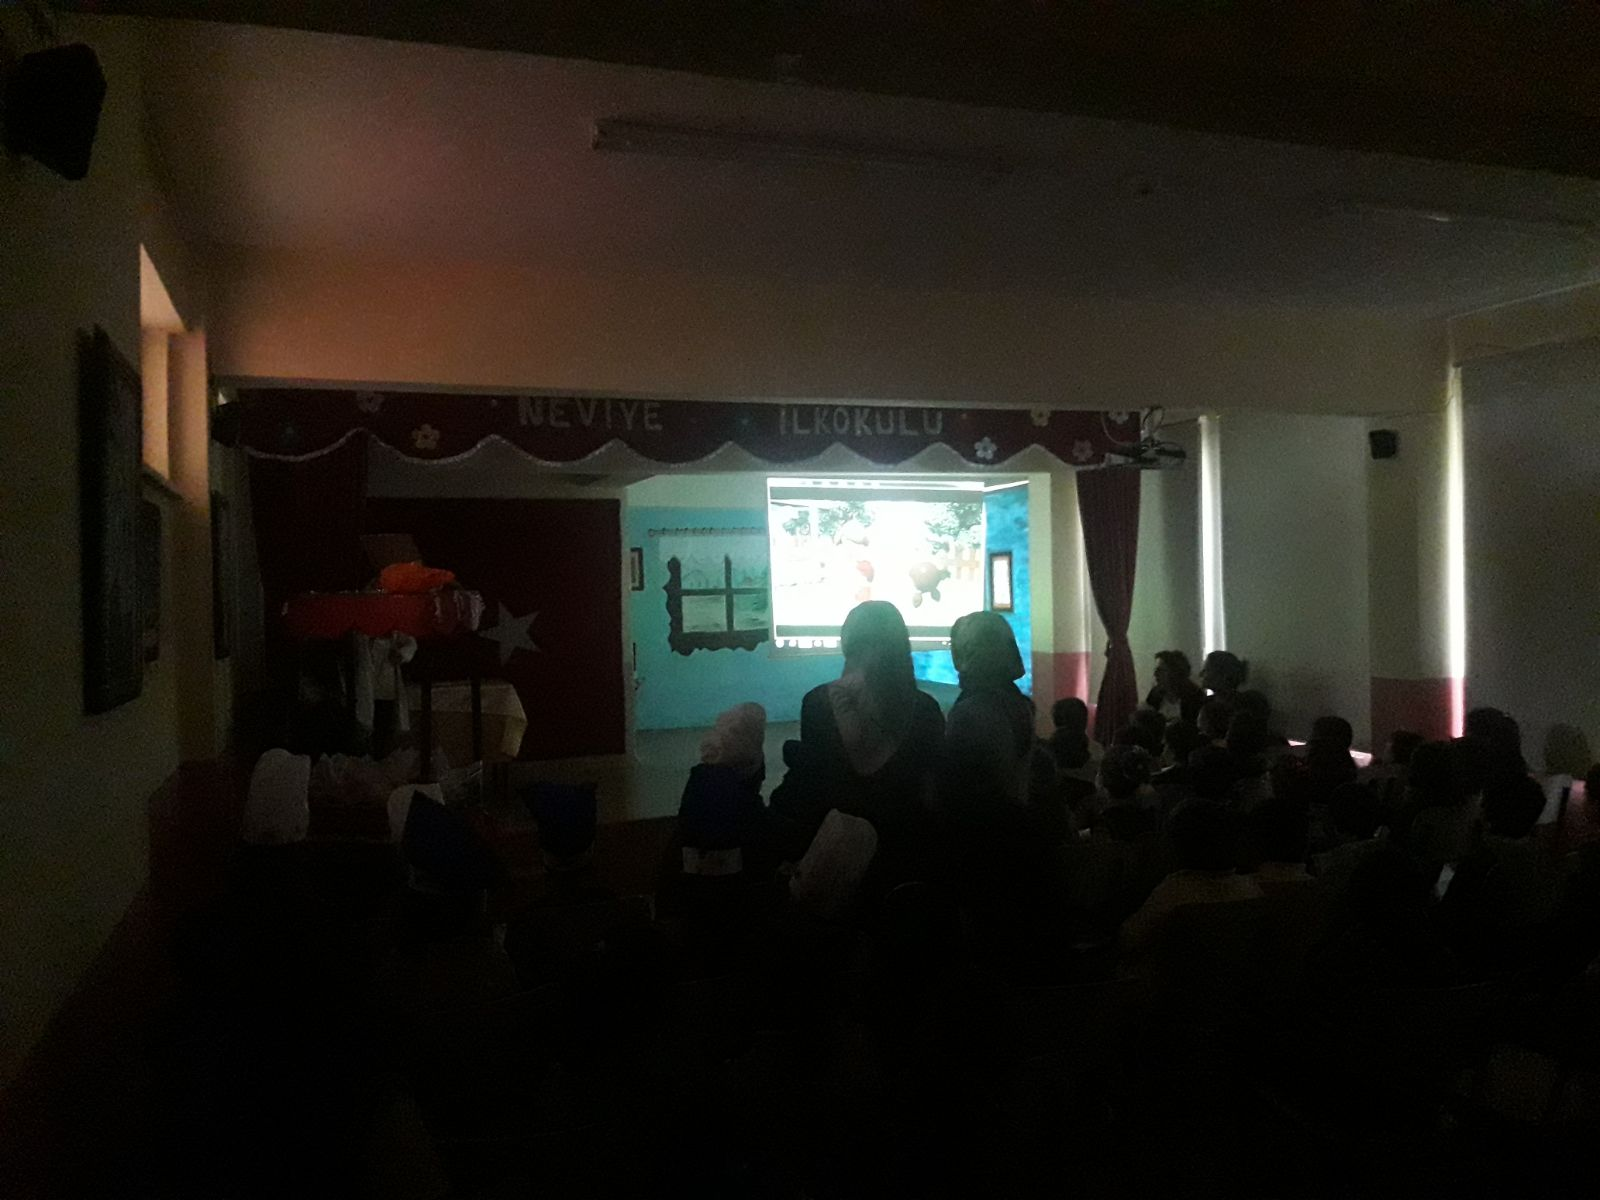 Arifiye Neviye İlkokulunda öğrencilere sinema keyfi